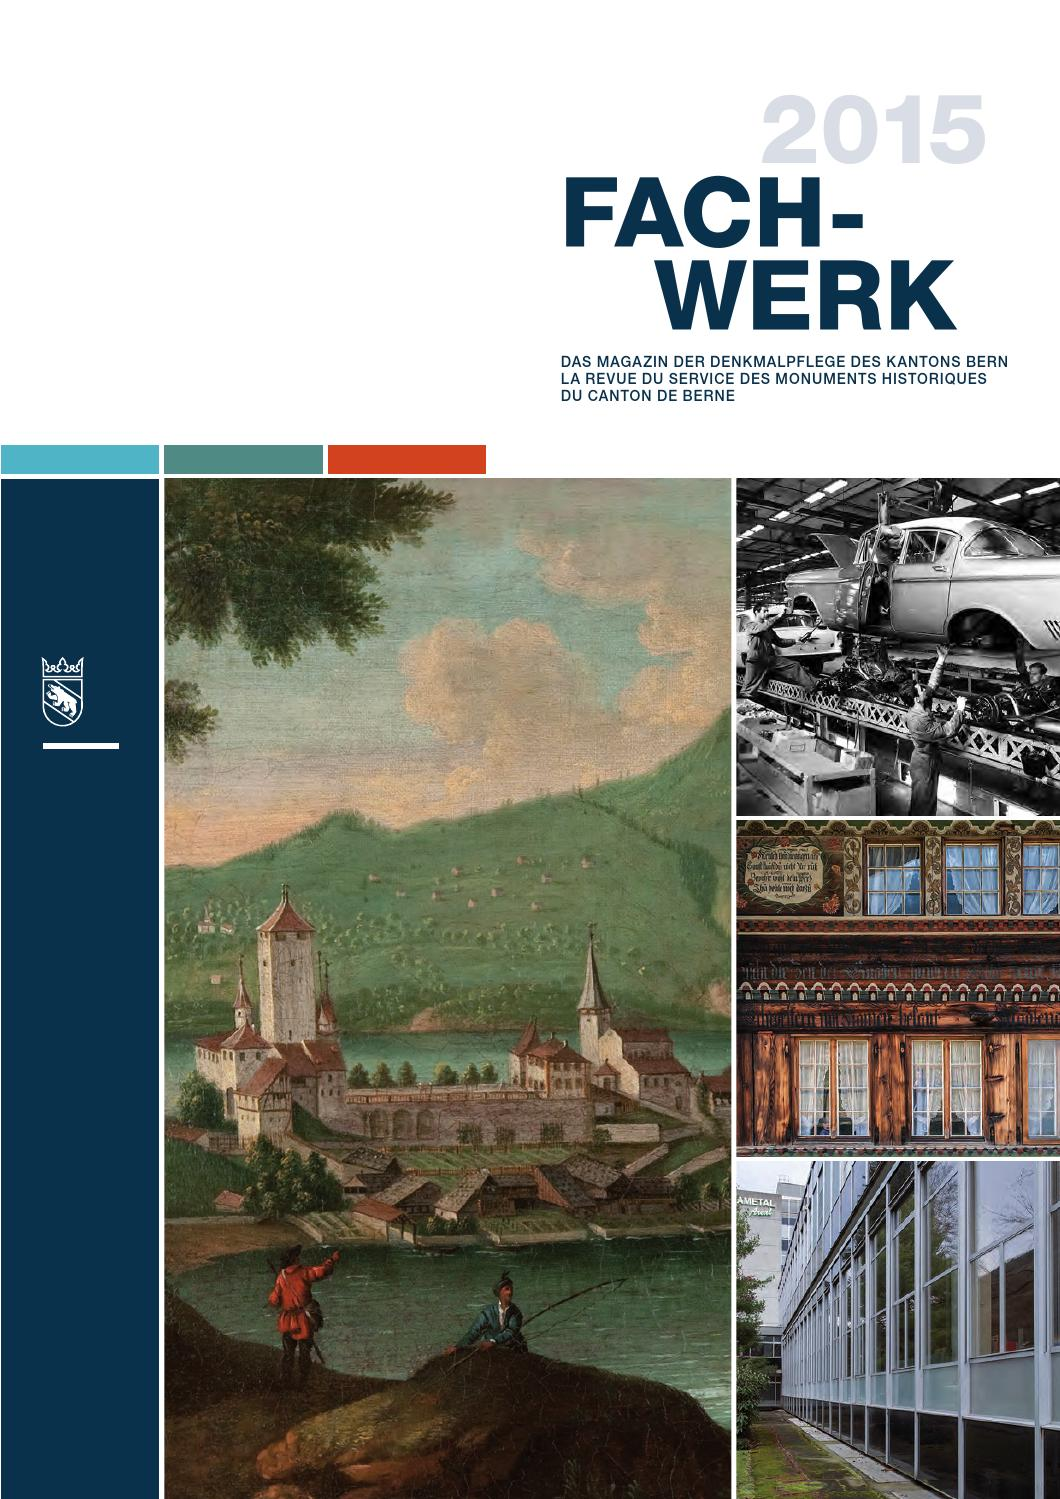 Fachwerk 2015 by Denkmalpflege des Kantons Bern - issuu